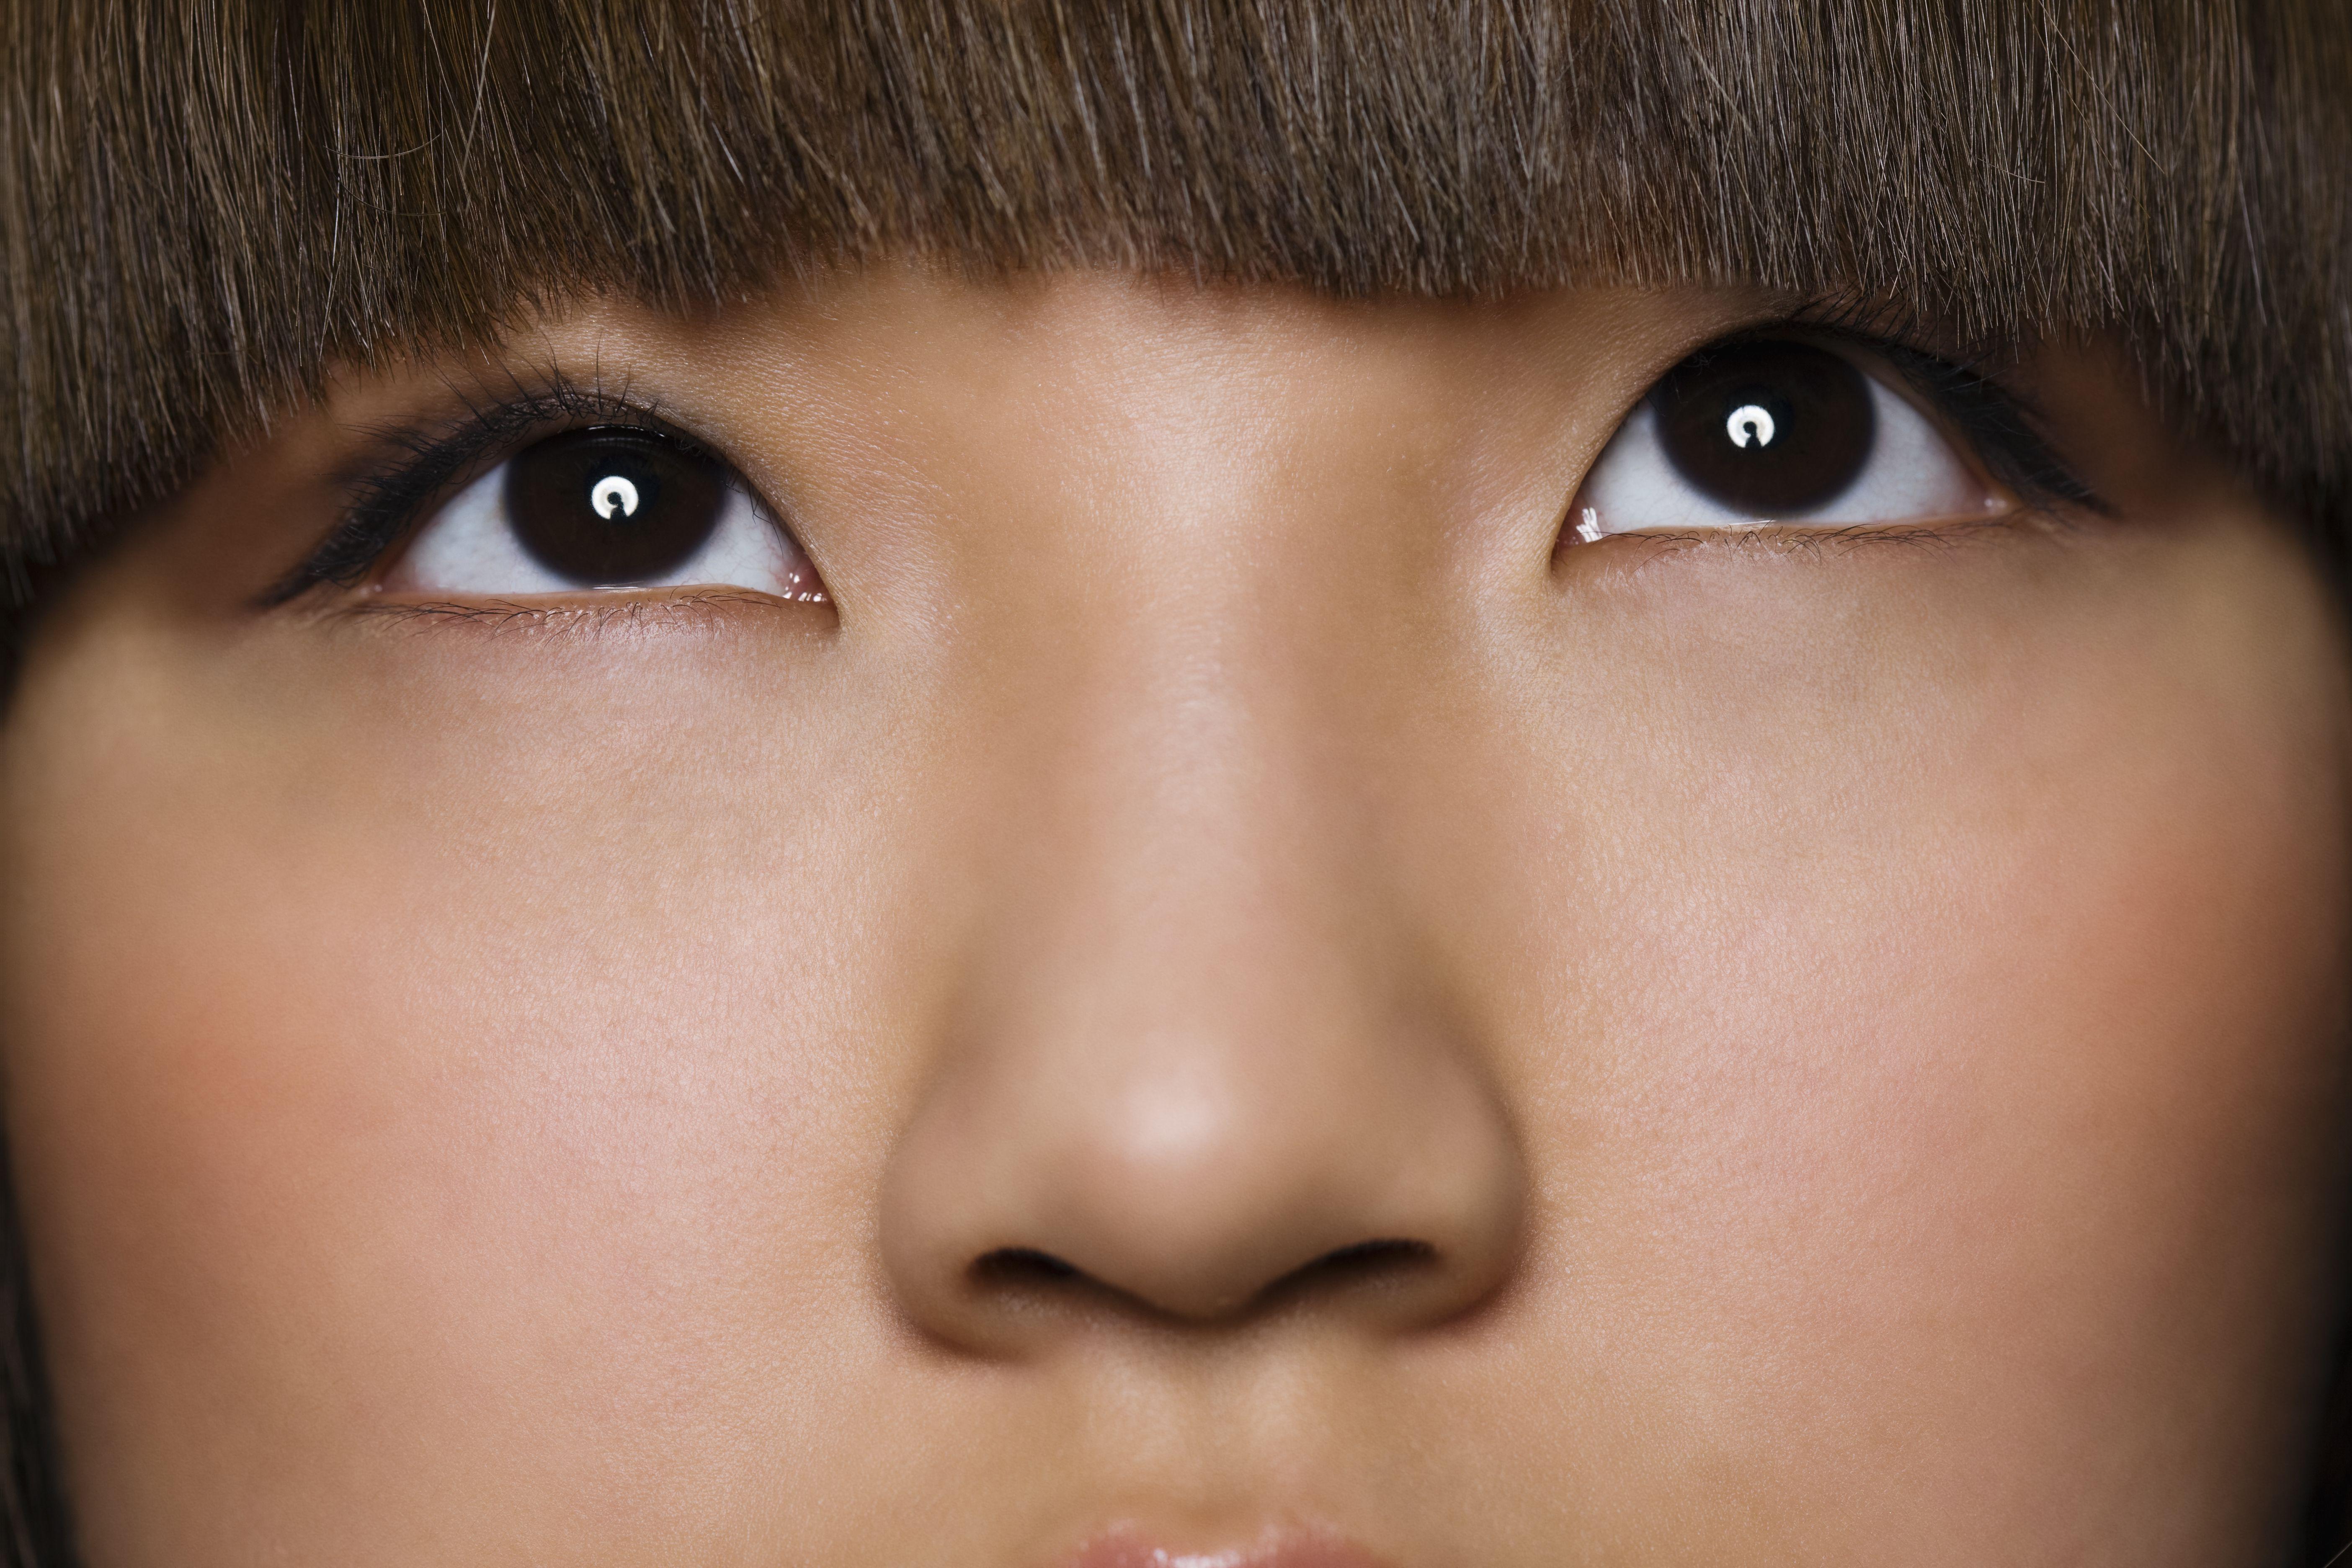 прострижка меха, монгольские глаза фото собрать ведру